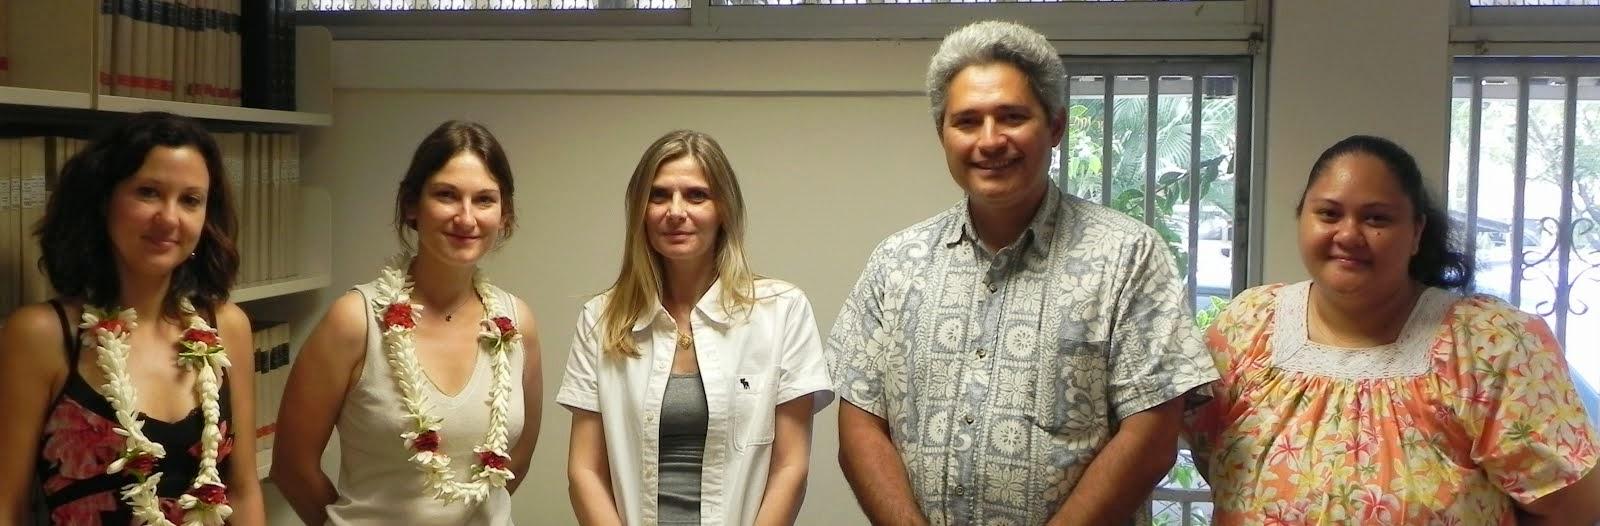 Entretien avec mission d'expertise DACS 24 septembre 2014